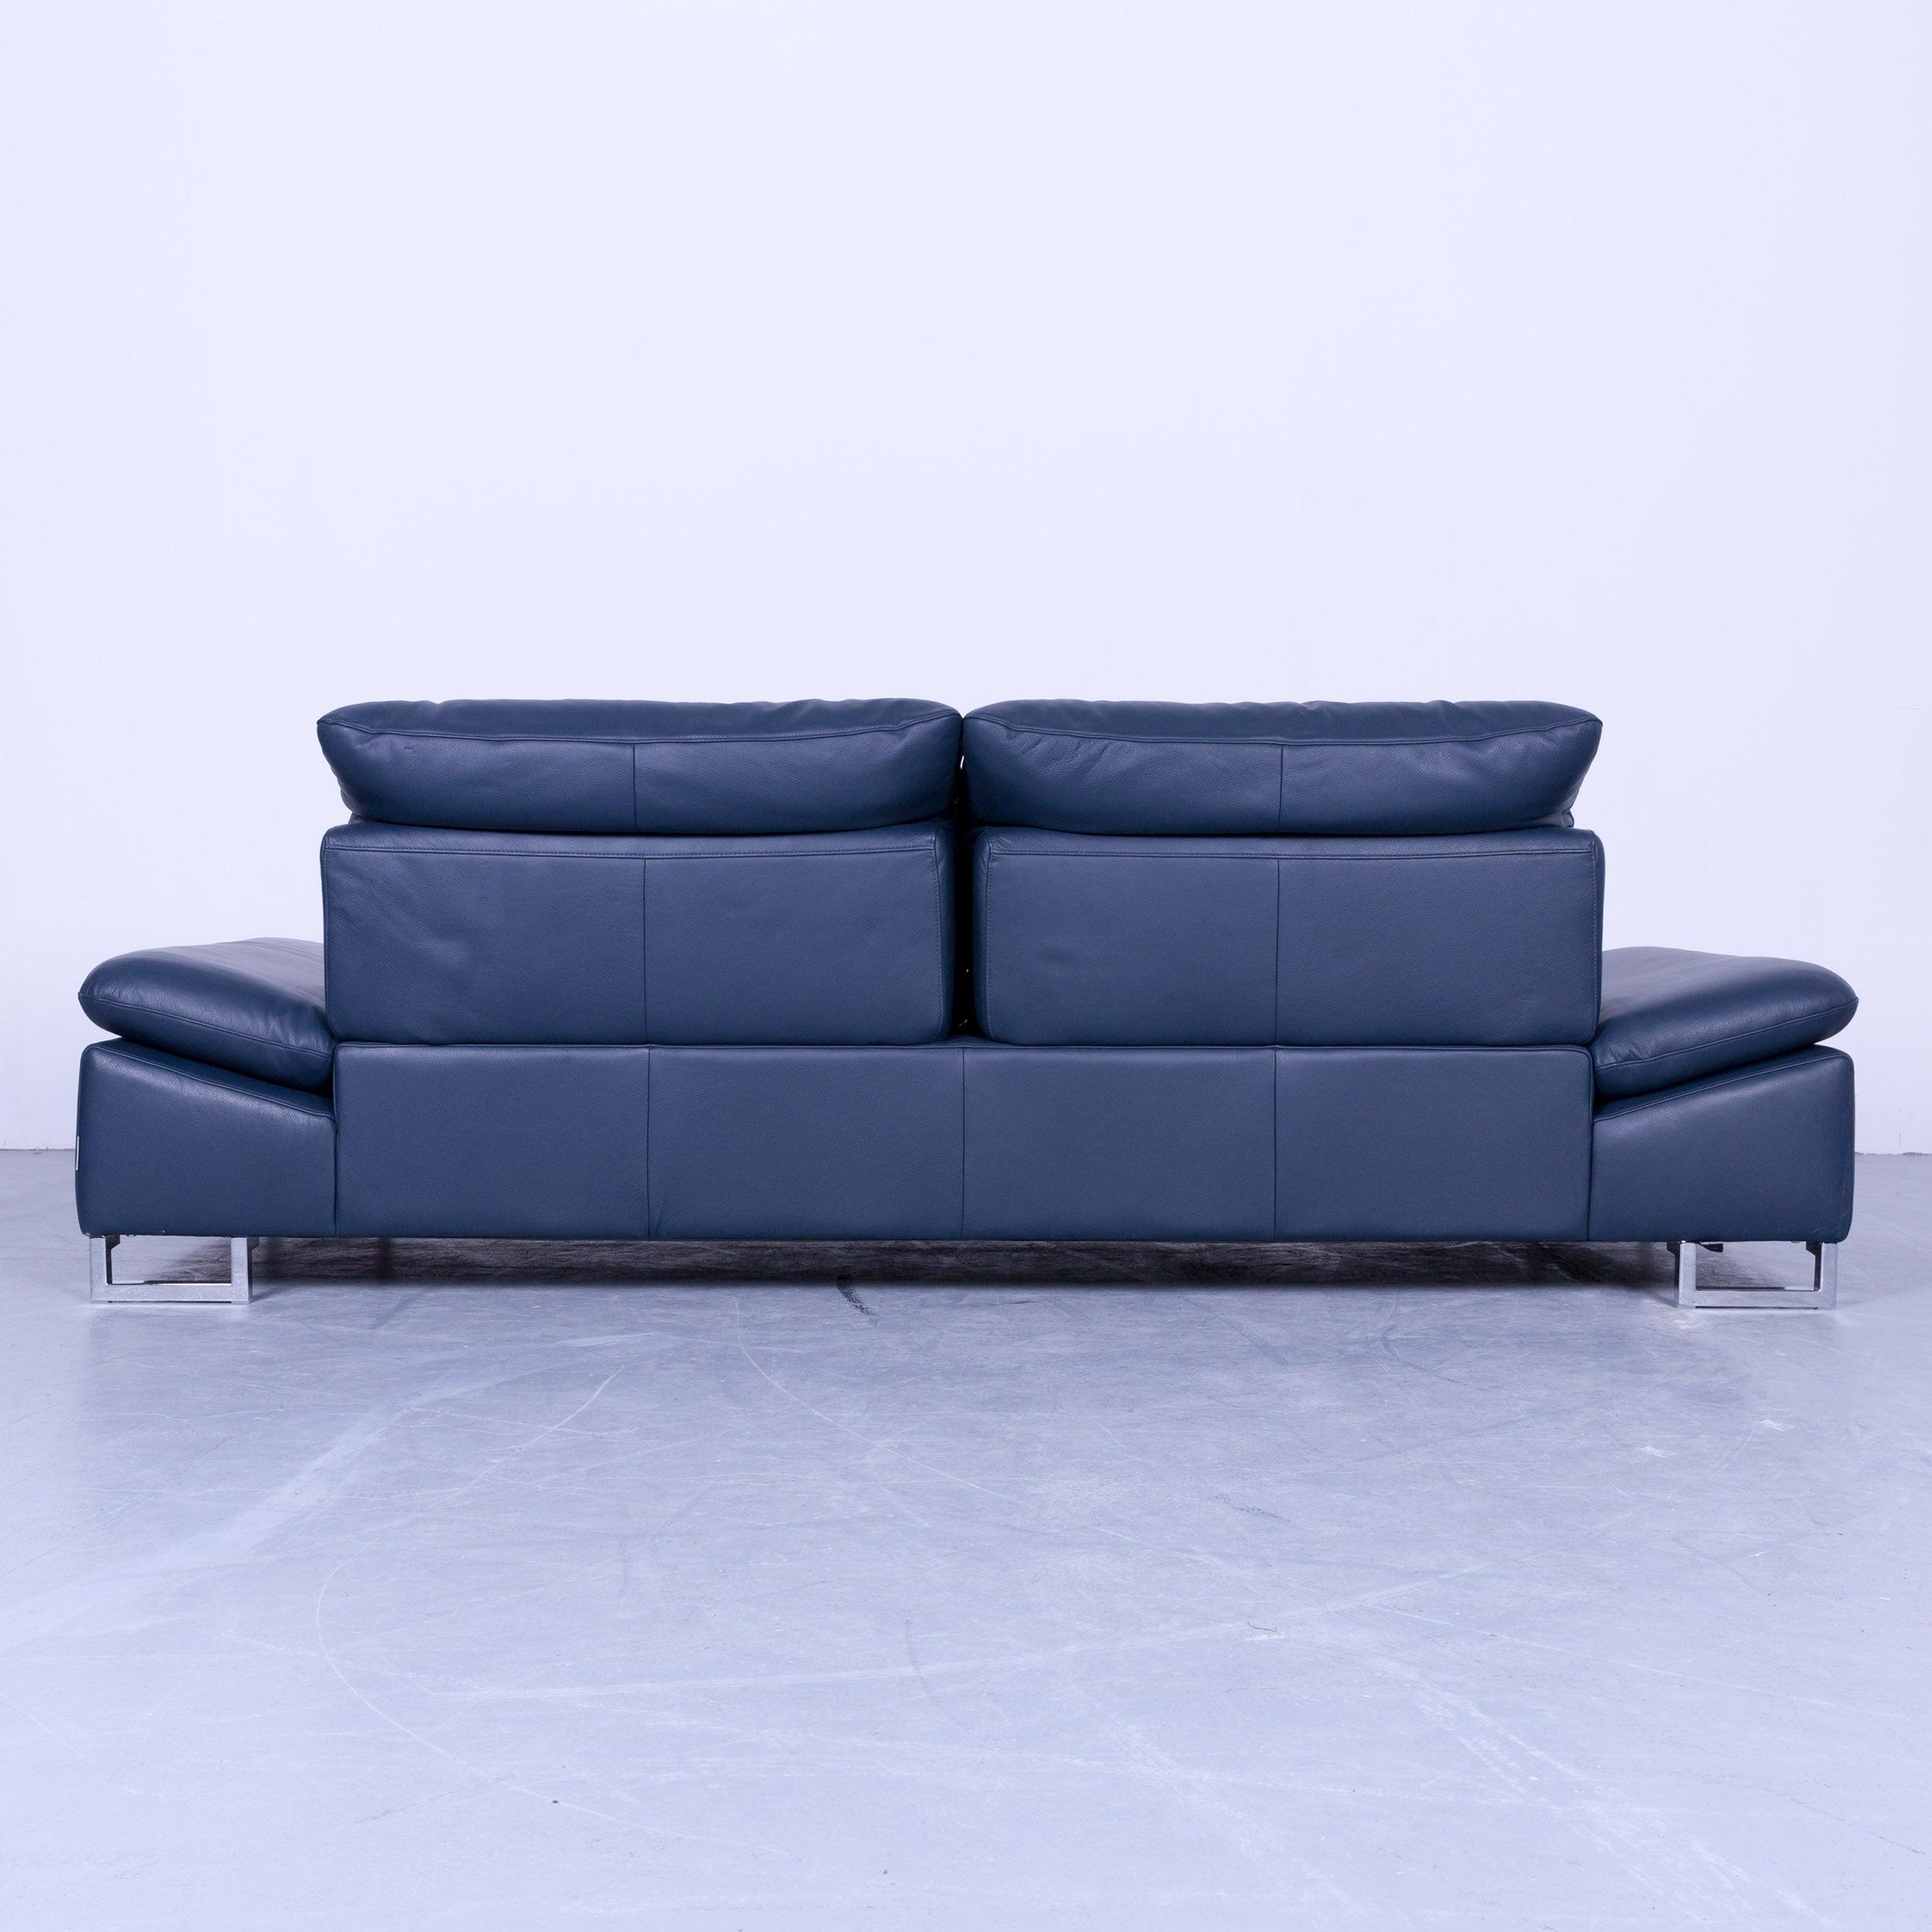 Liebenswert Sofa Mit Funktion Dekoration Von Willi Schillig Designer Three Seat Blue Leather